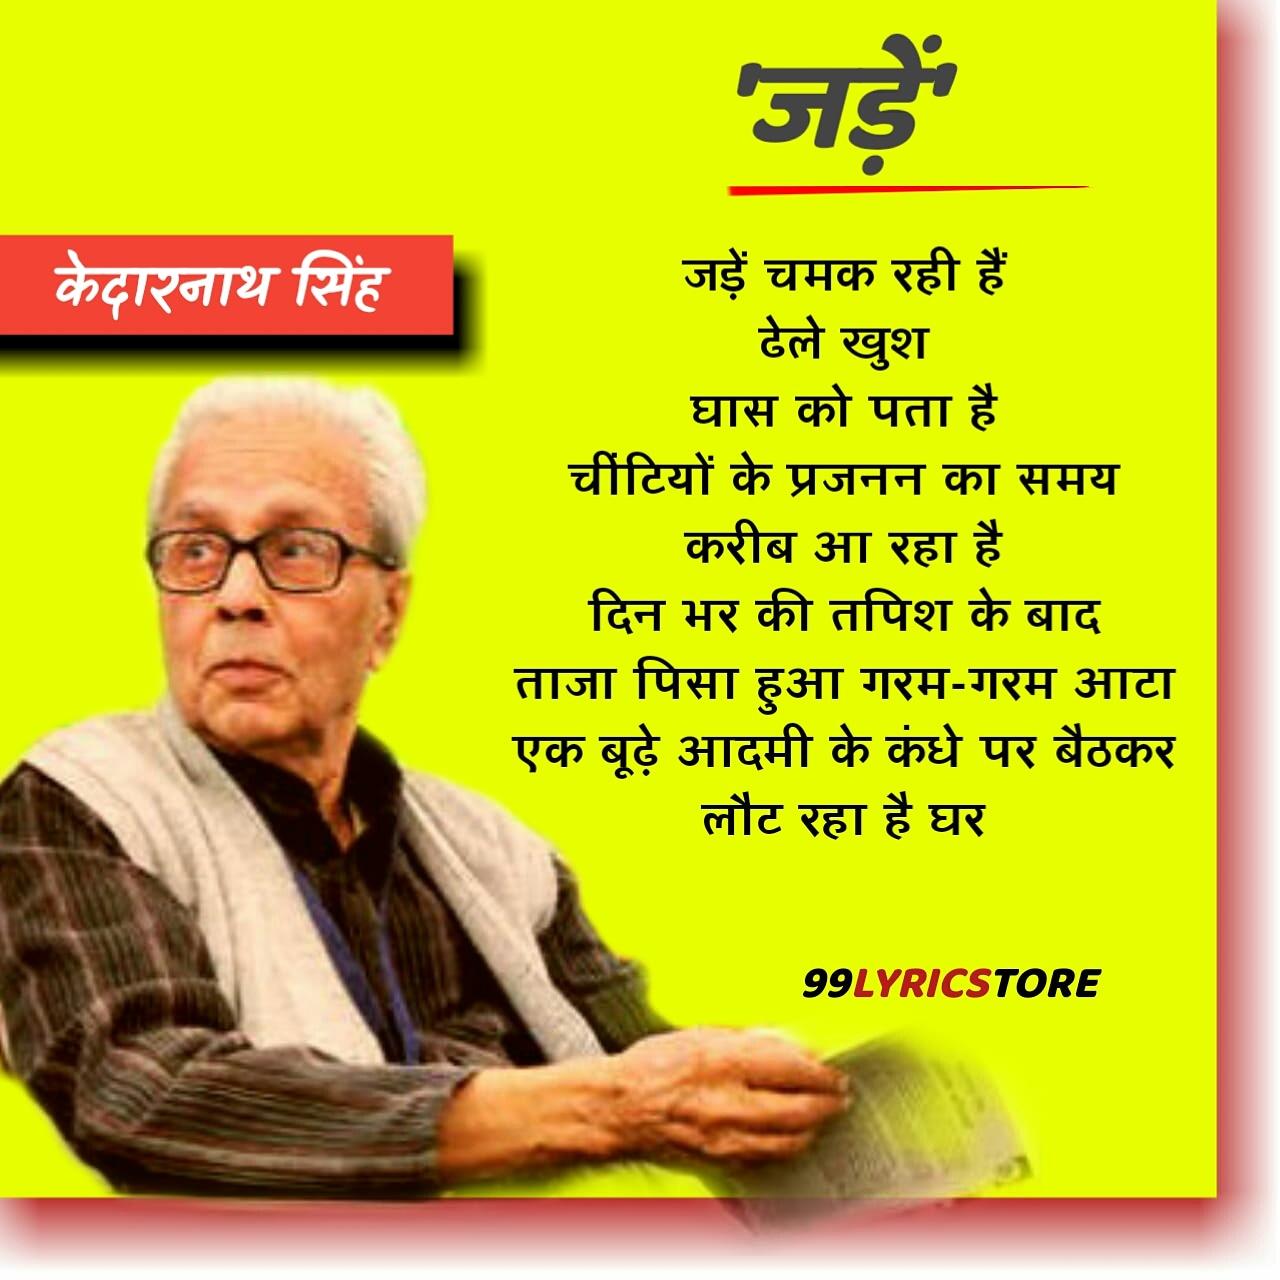 'जड़ें' कविता केदारनाथ सिंह जी द्वारा लिखी गई एक हिन्दी कविता है।